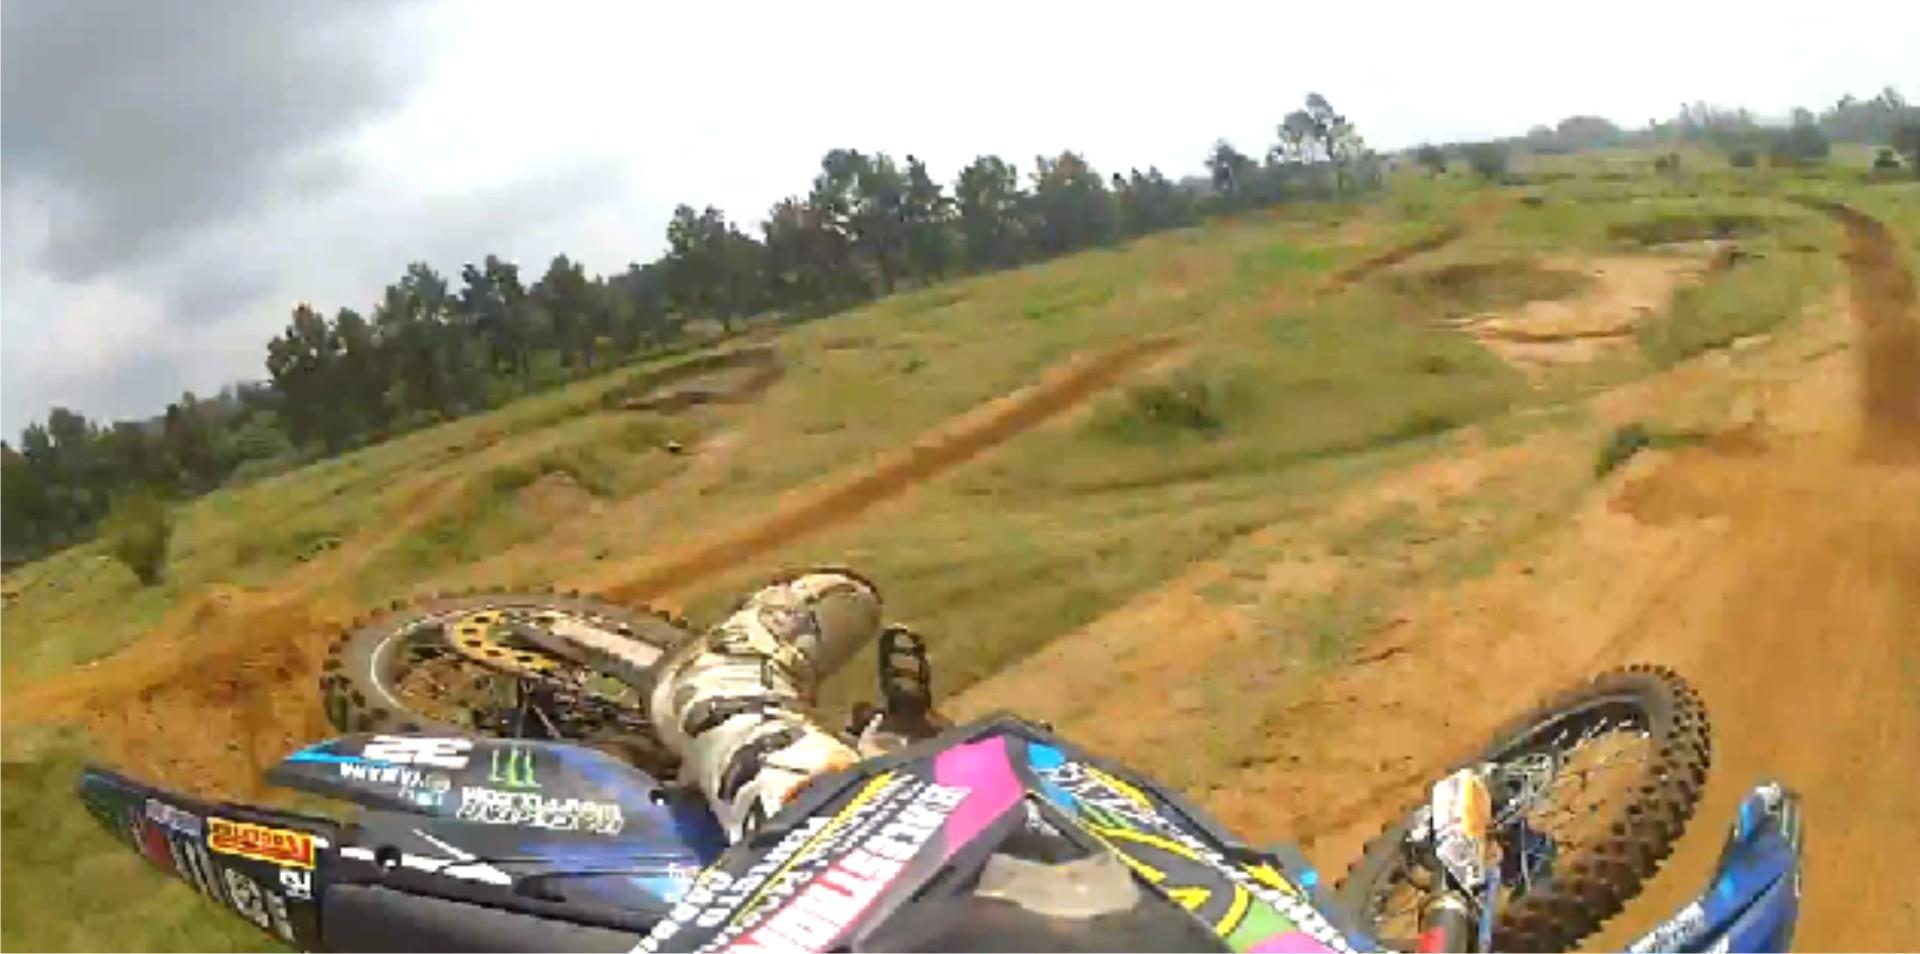 Rustenburg Motocross session video